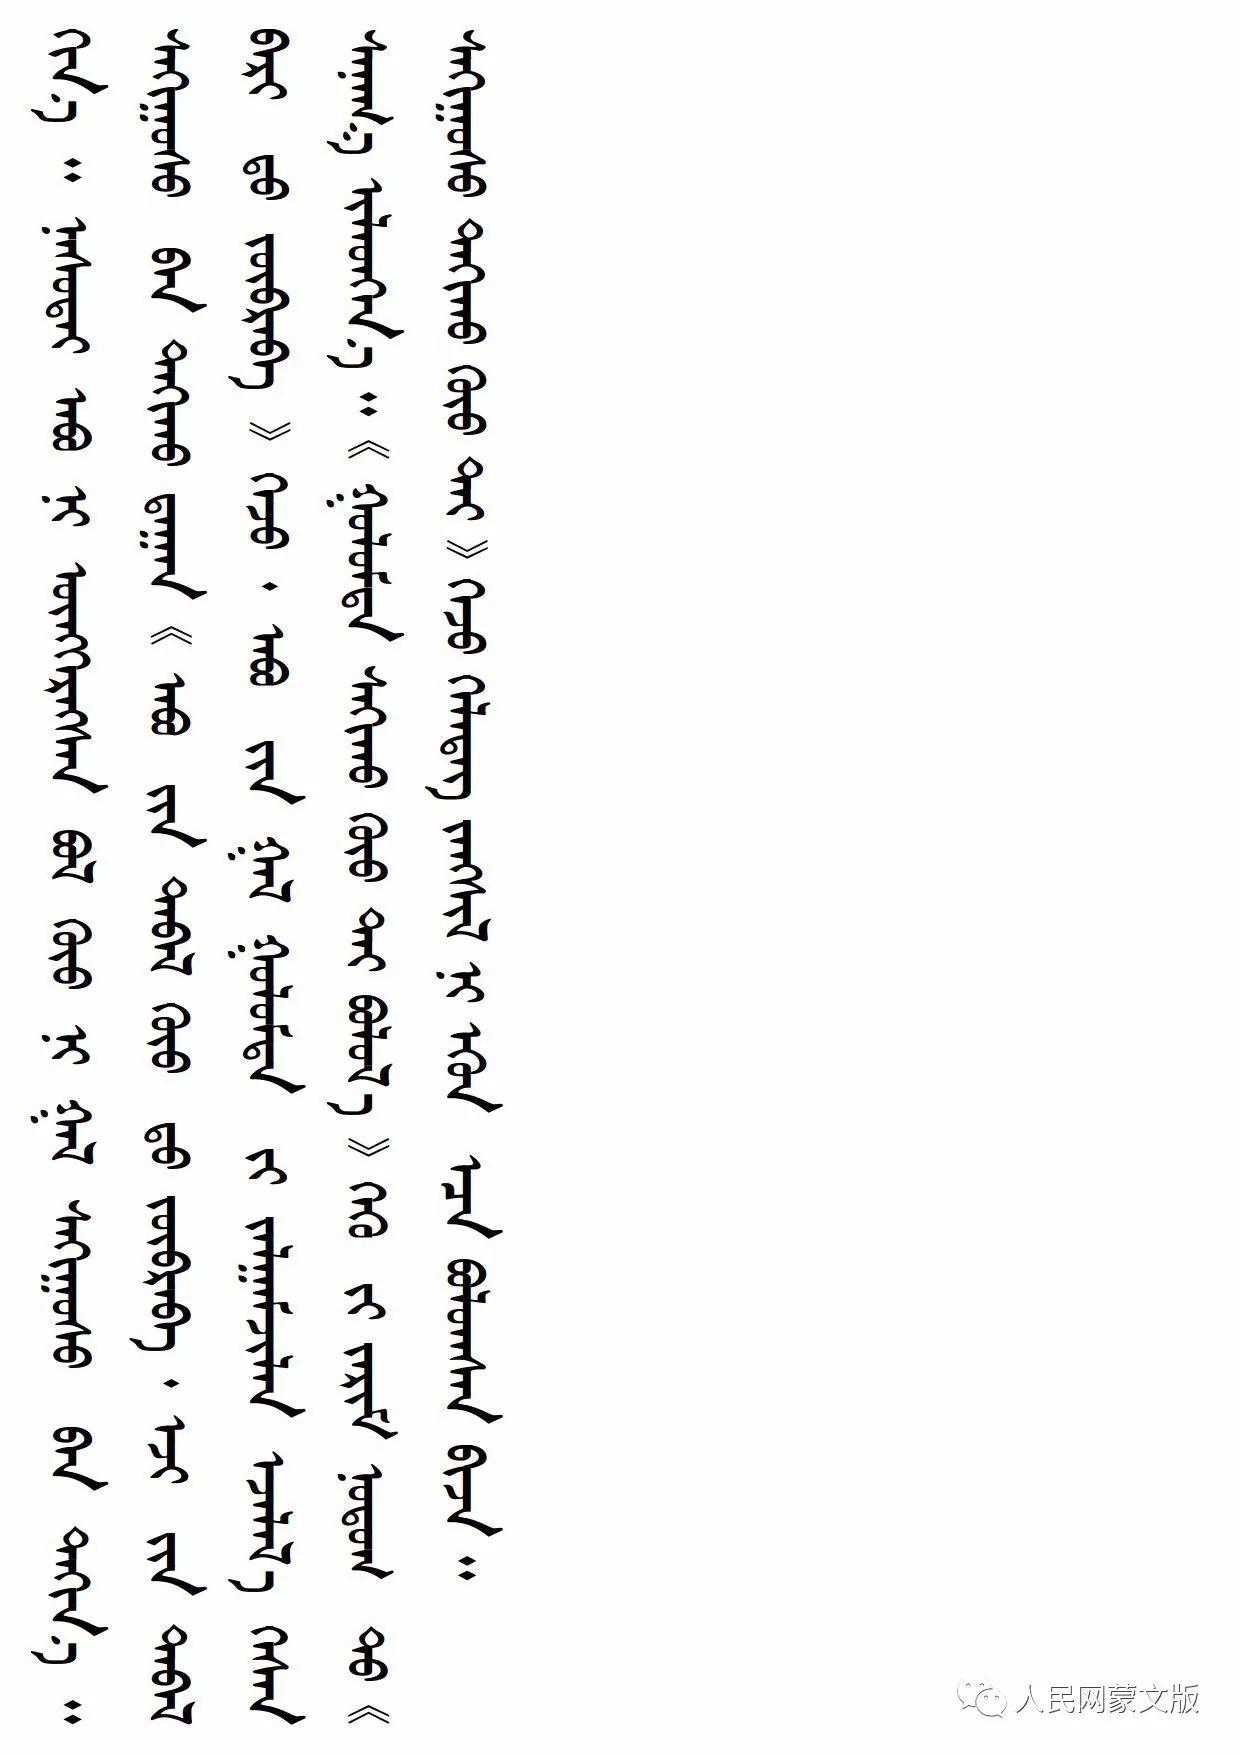 蒙古民俗探源 蒙古族丧葬习俗 第34张